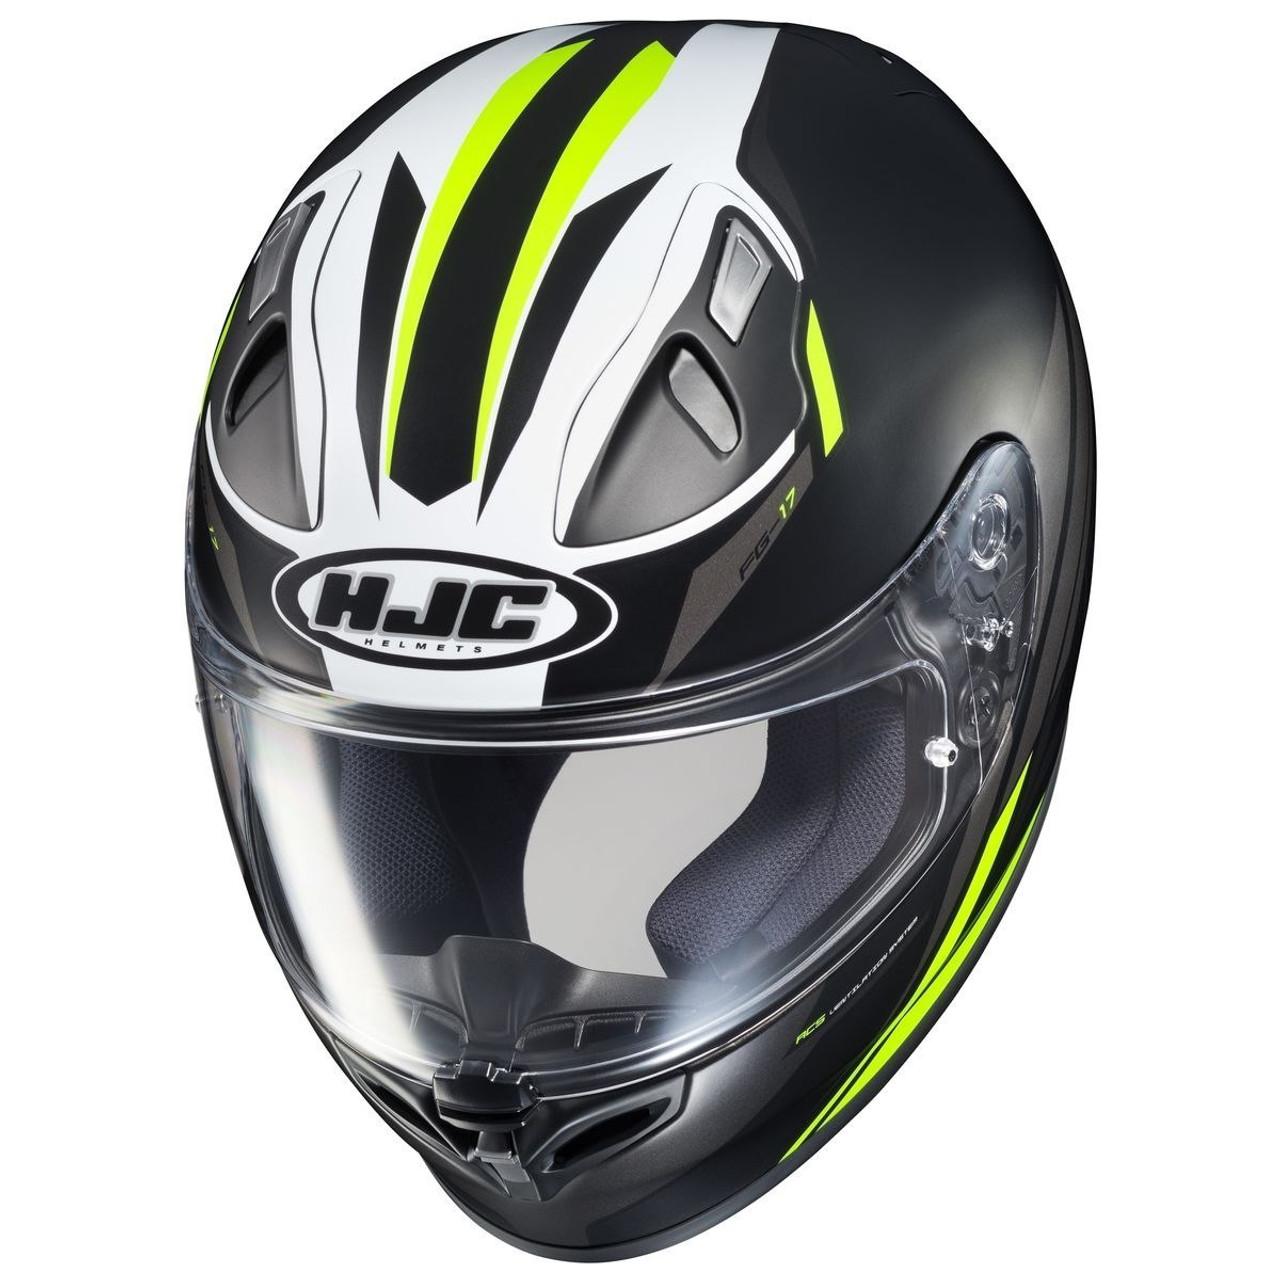 Hjc Fg 17 >> Hjc Fg 17 Valve Helmet Team Motorcycle